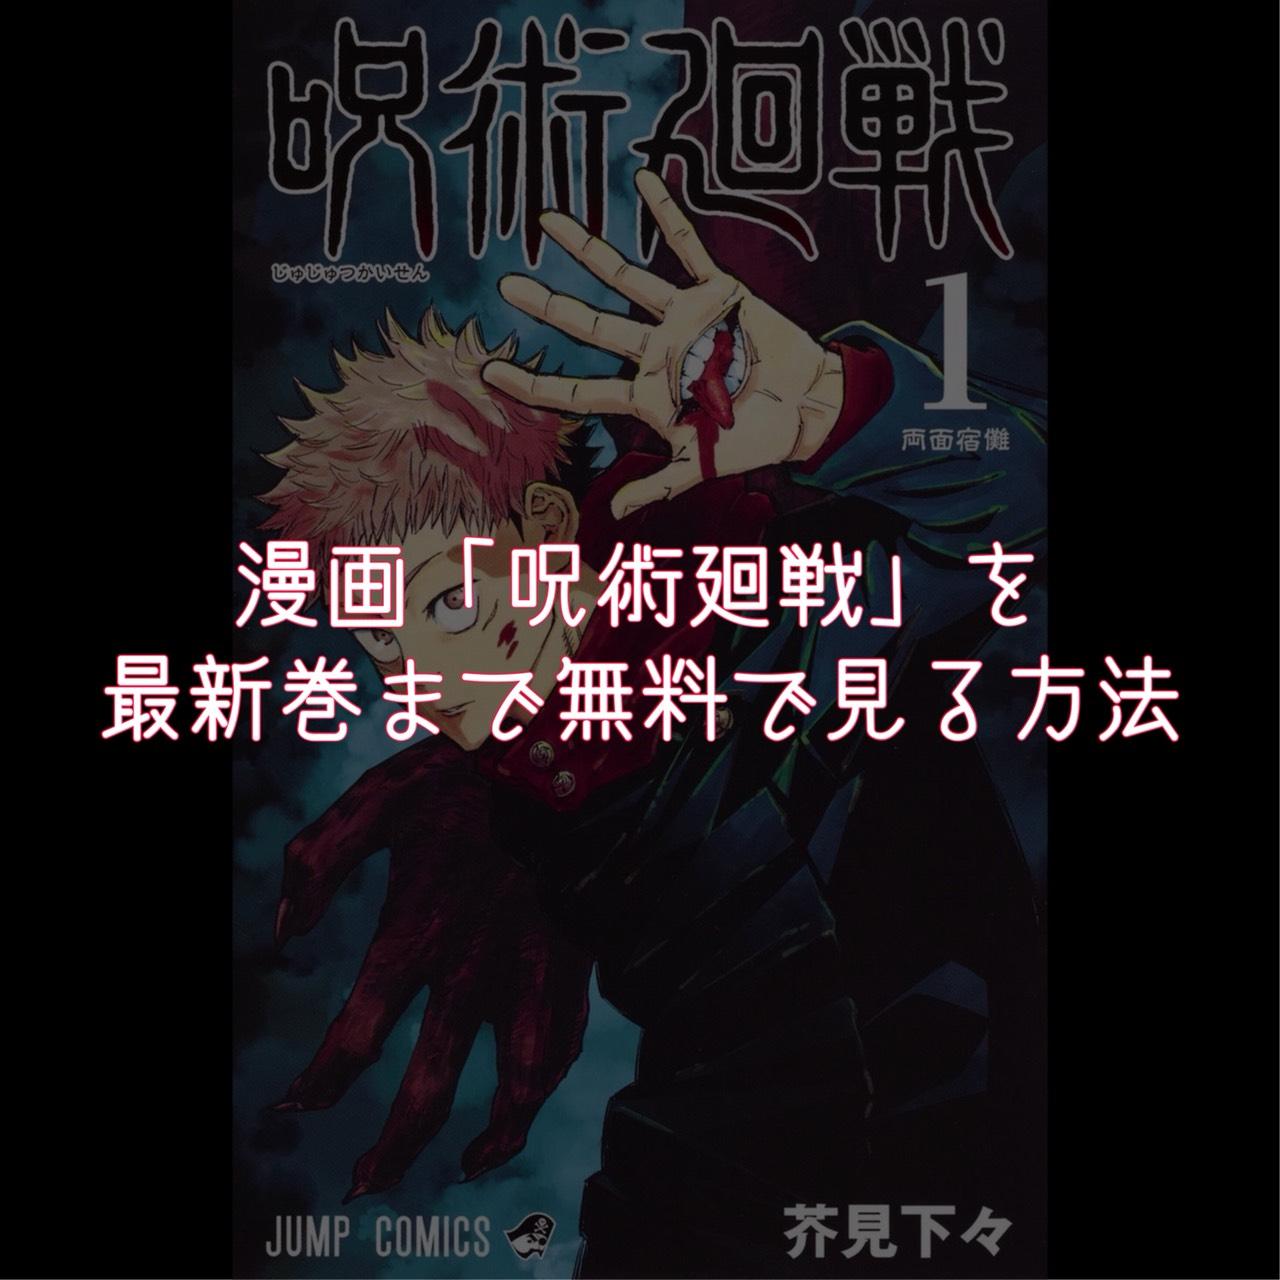 バンク 戦 漫画 呪術 廻